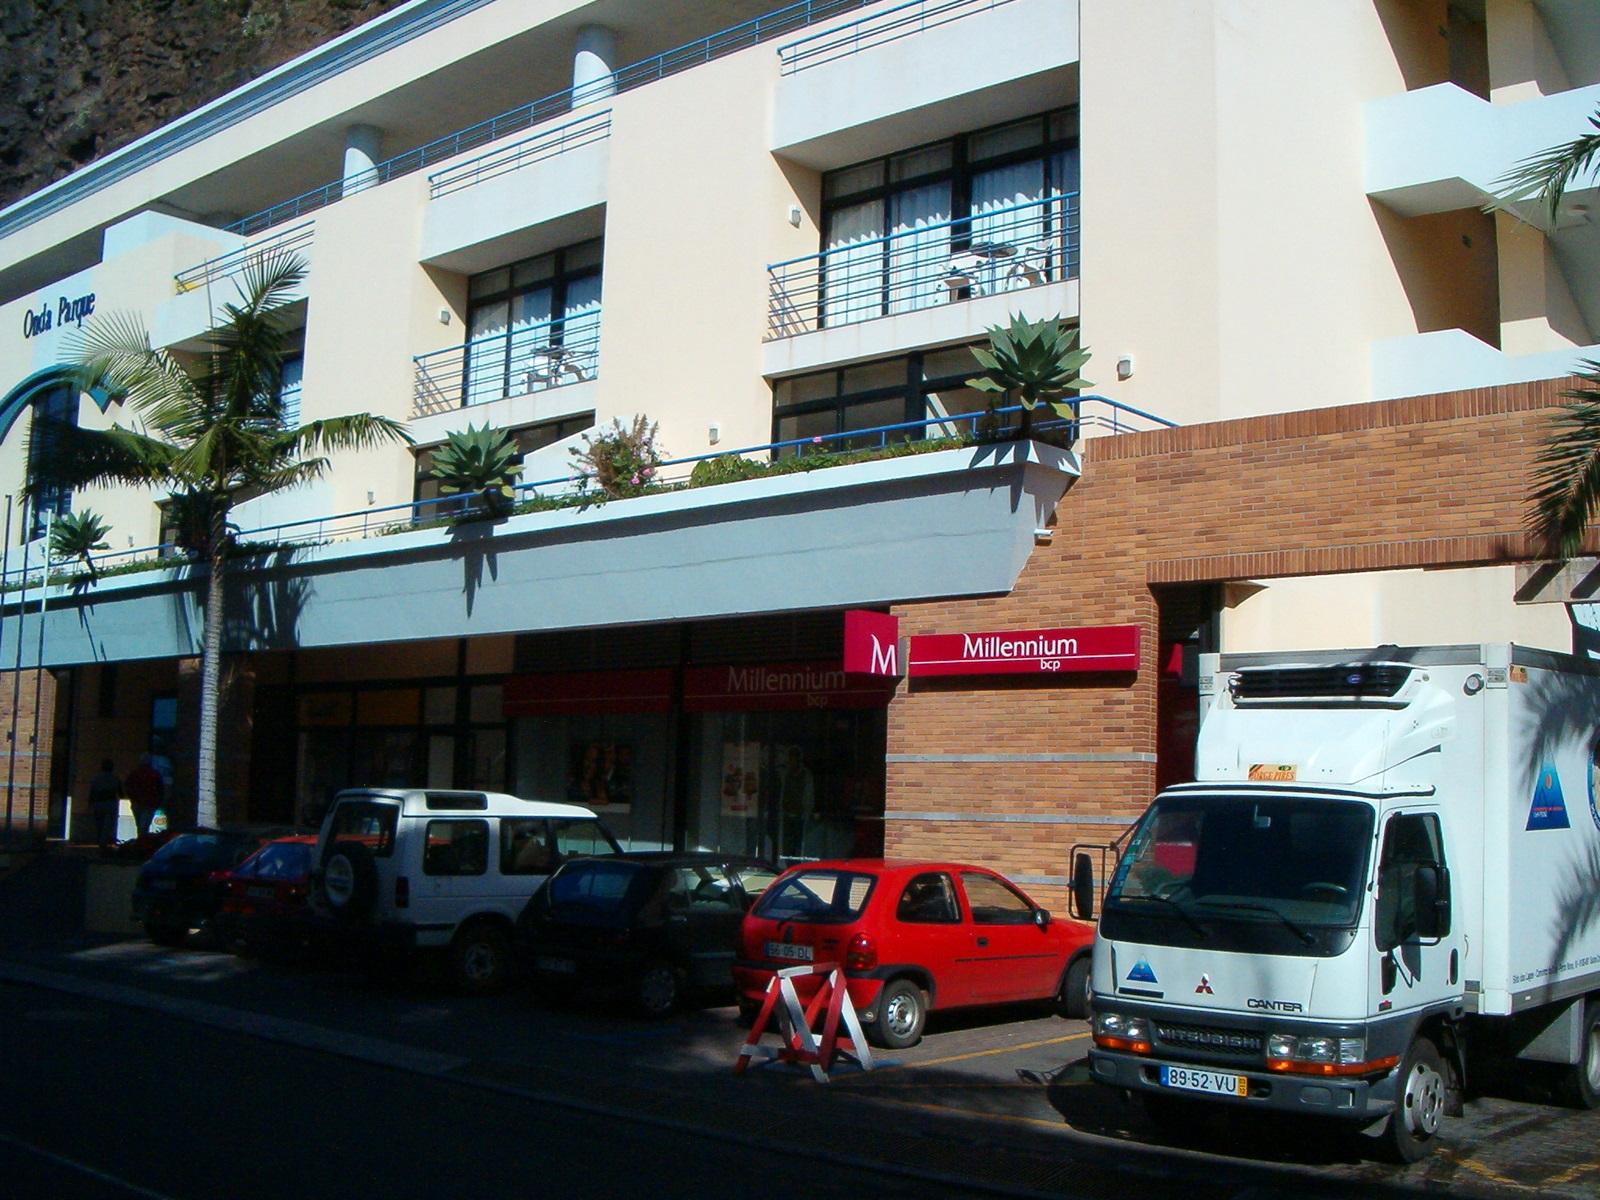 conta-bancária-em-portugal-millenium-bcp-calheta-madeira